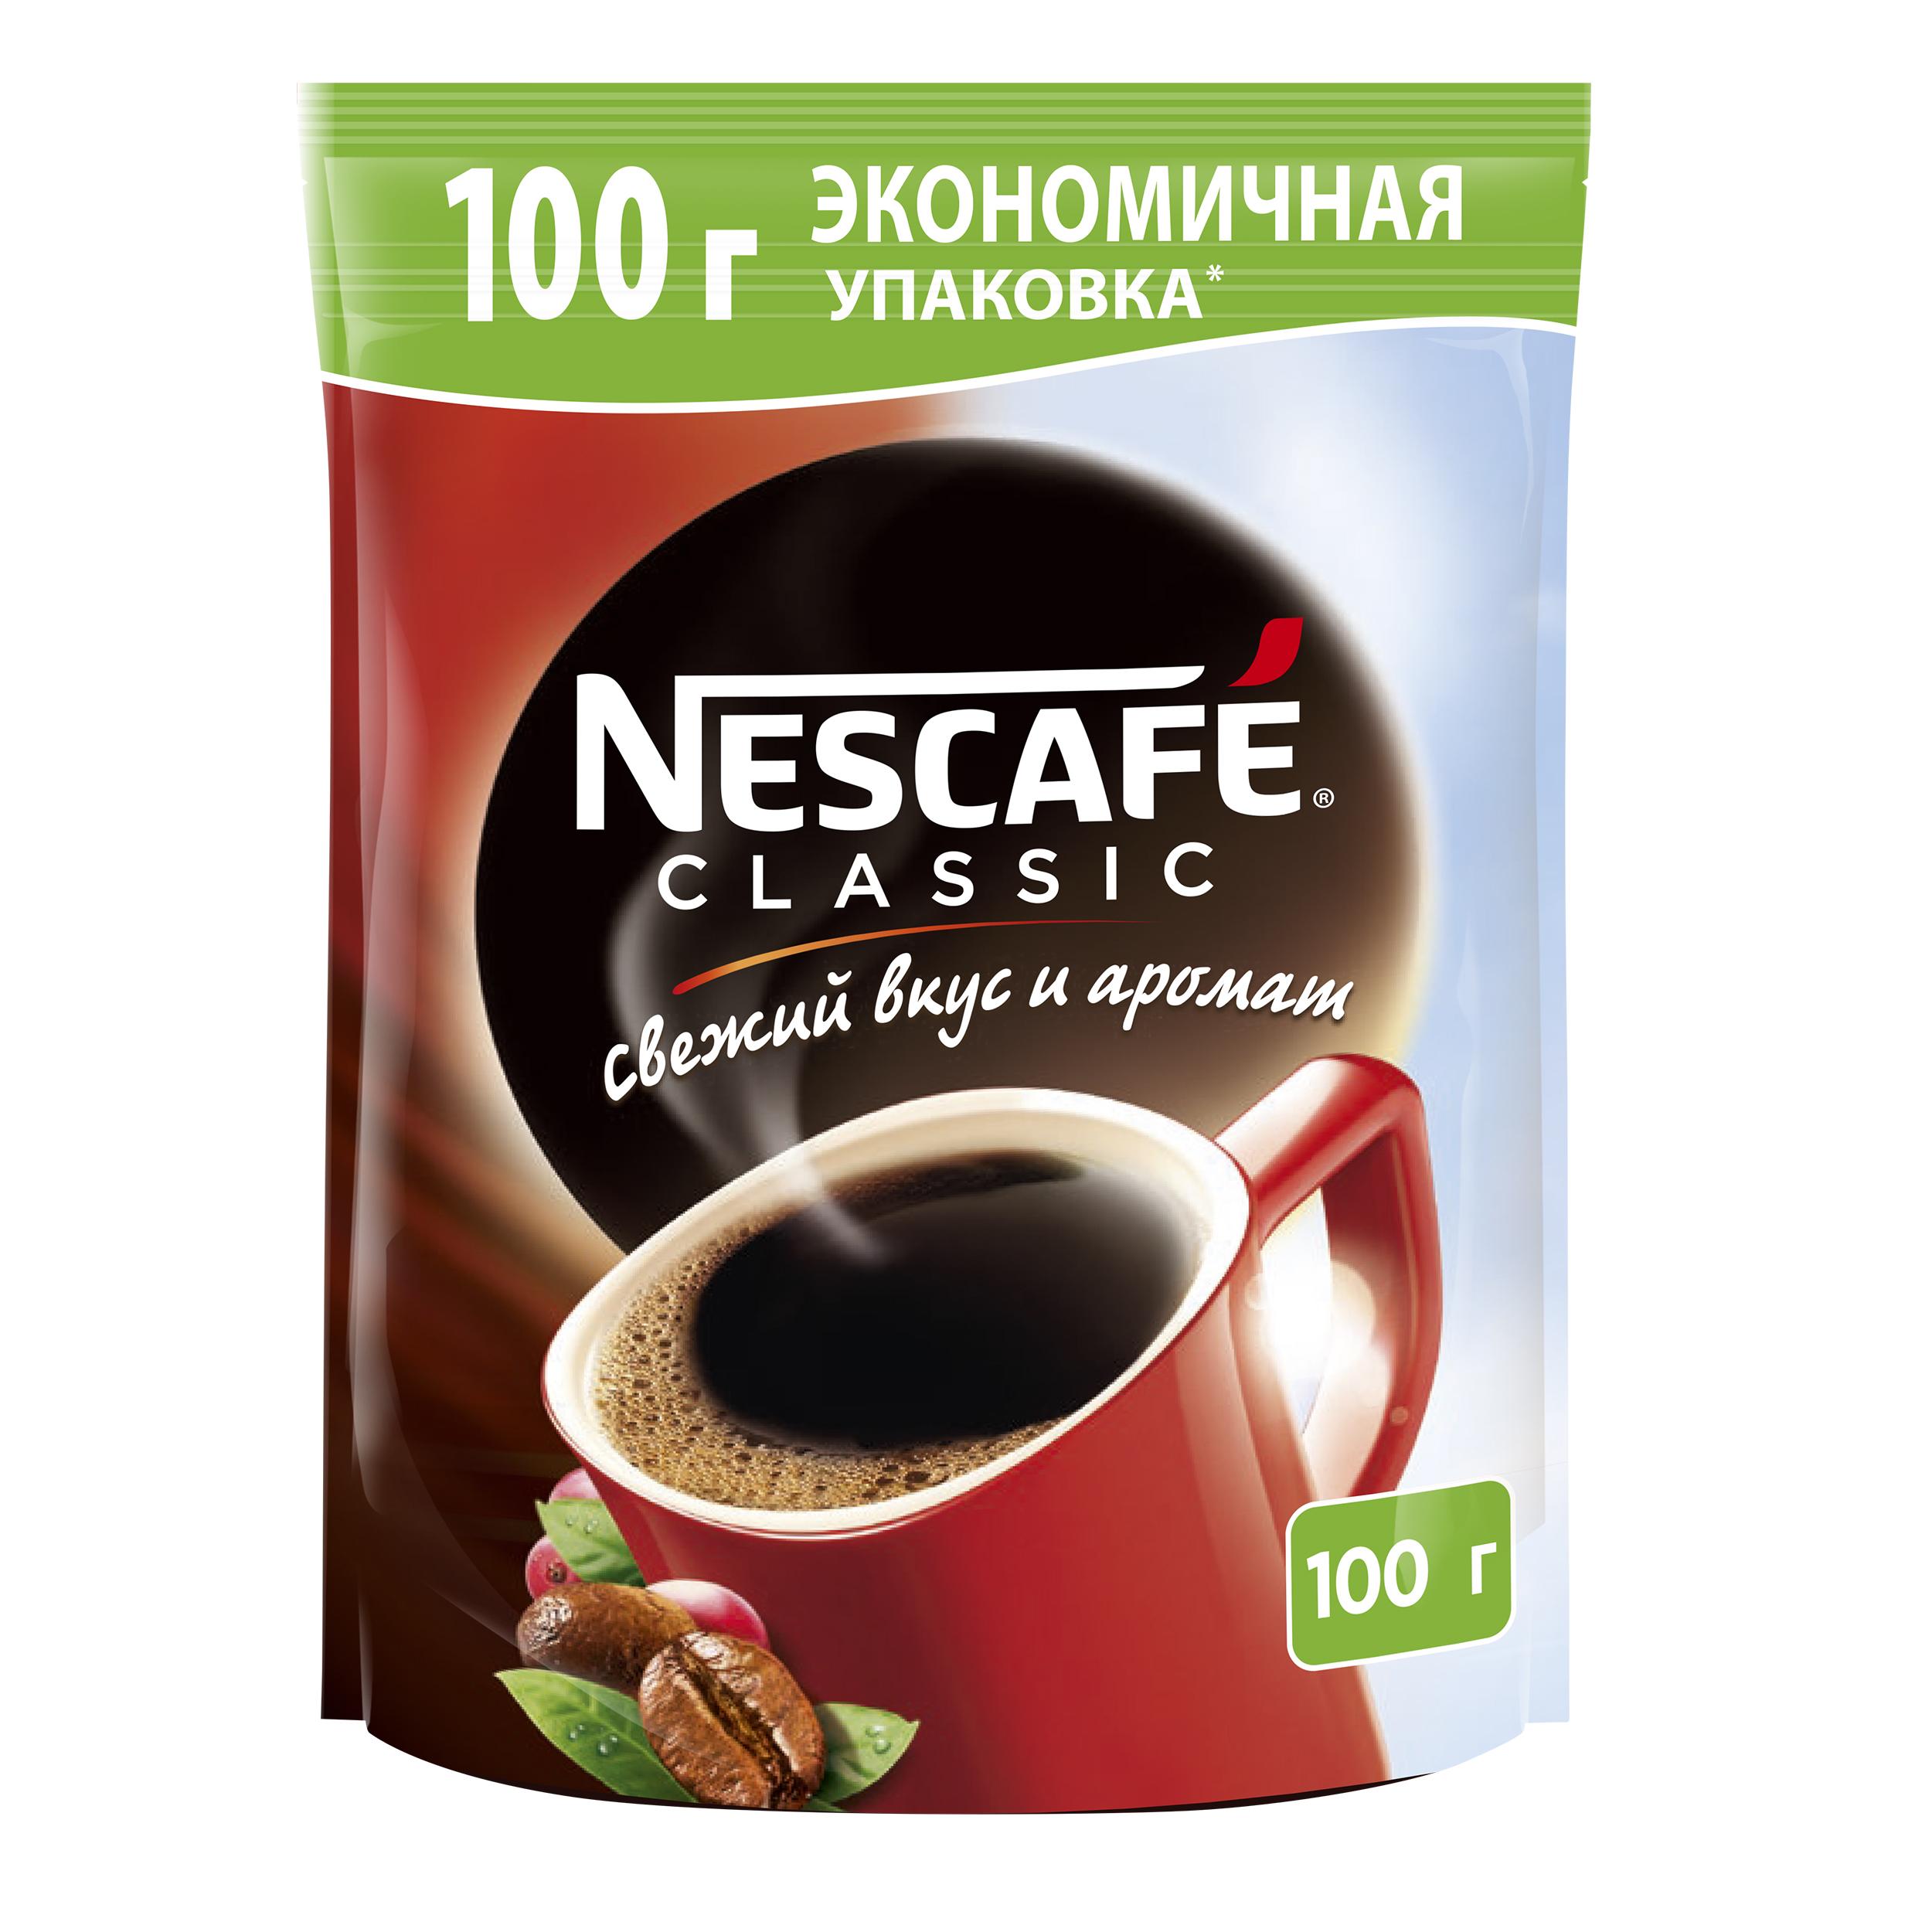 Кофе растворимый Nescafe classic кофе растворимый пакет  100 г